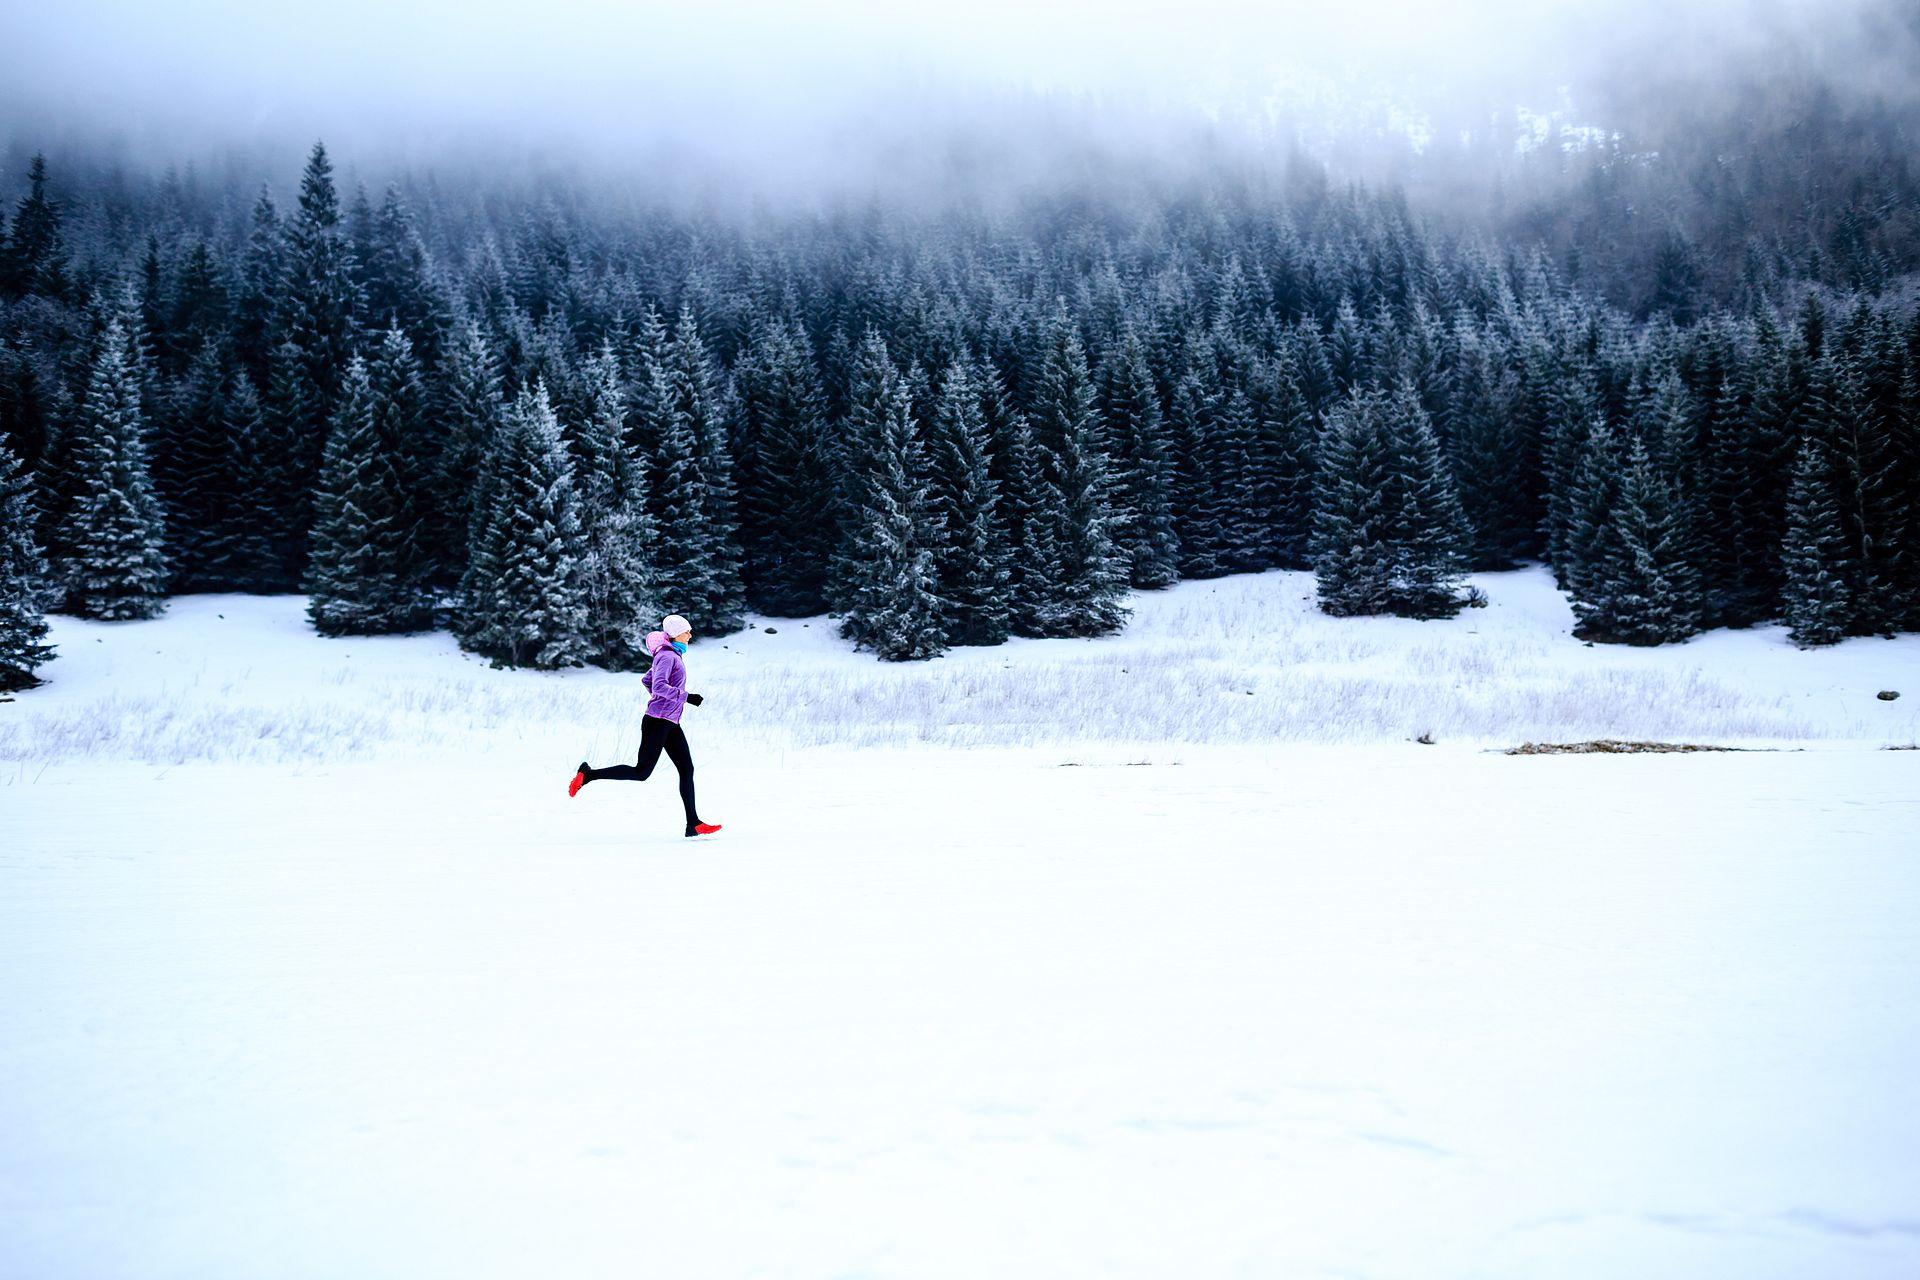 A woman wearing warm clothes runs through a snowy field